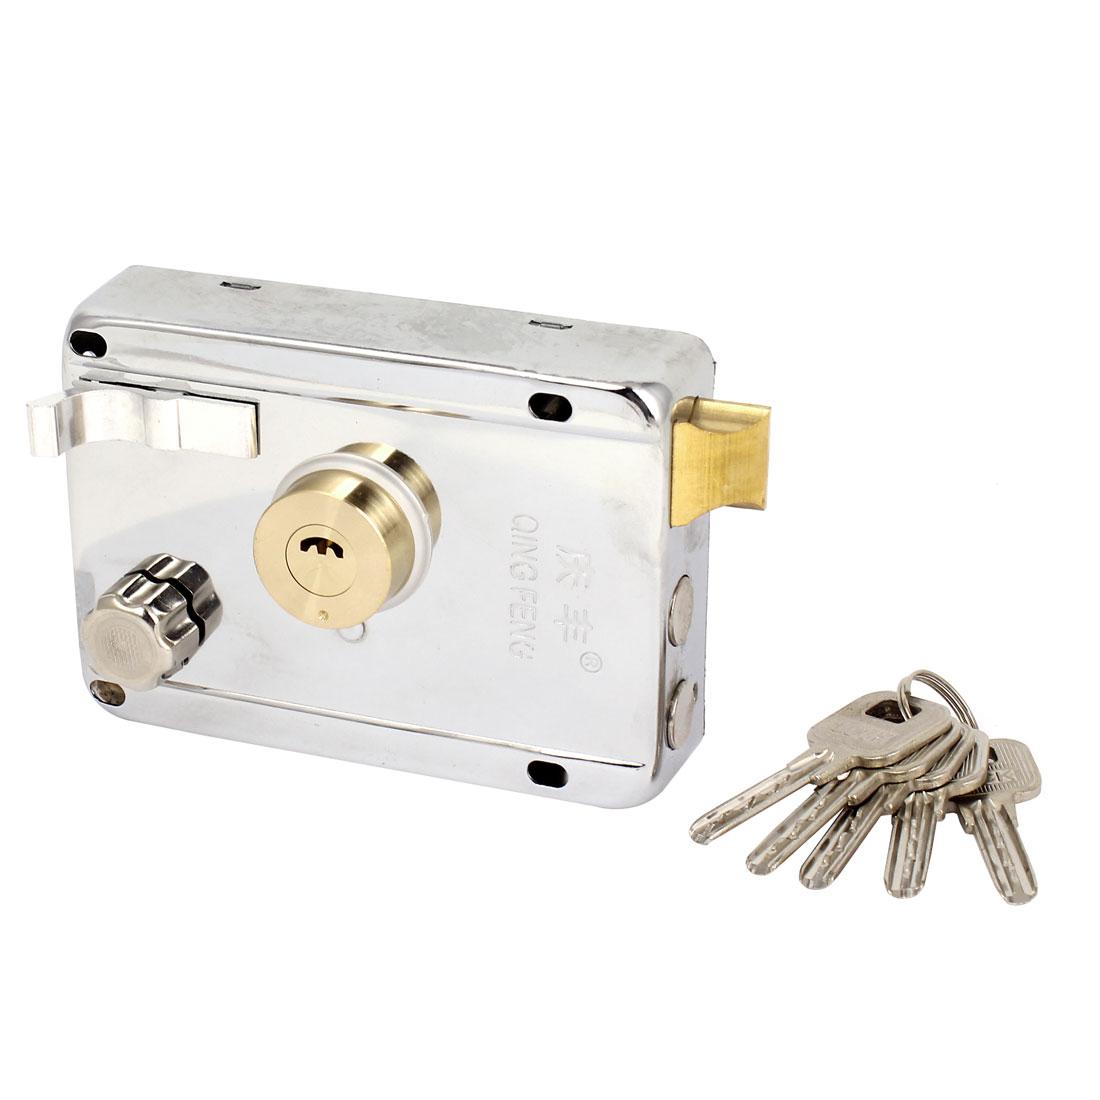 Door Gate Dual Cylinder Deadbolt Spring Latch Rim Lock 12cm x 8.5cm w 5 Keys